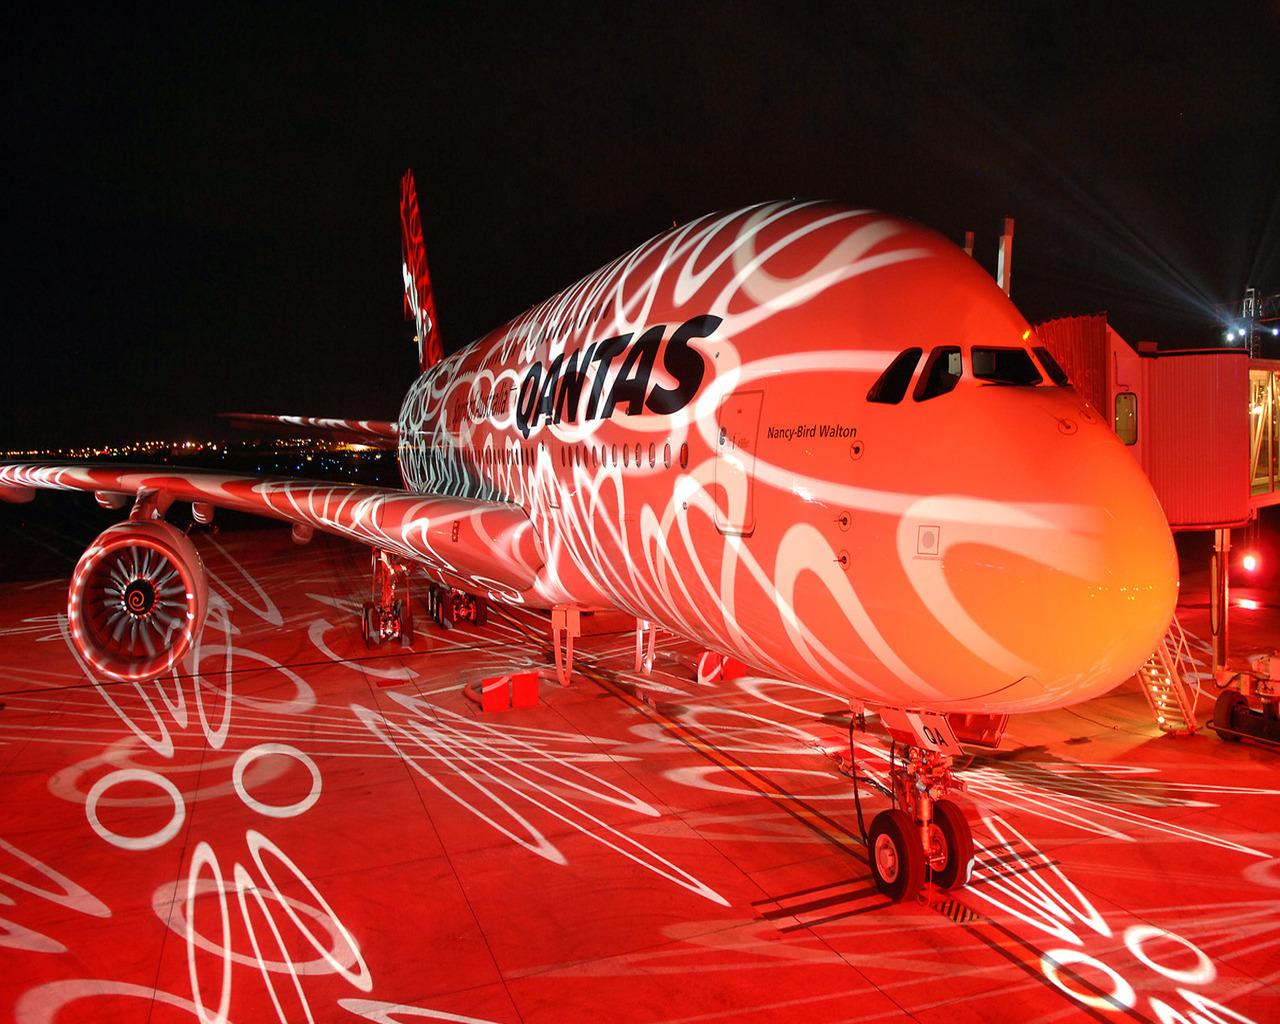 Красный самолет, обои на рабочий стол, красиво